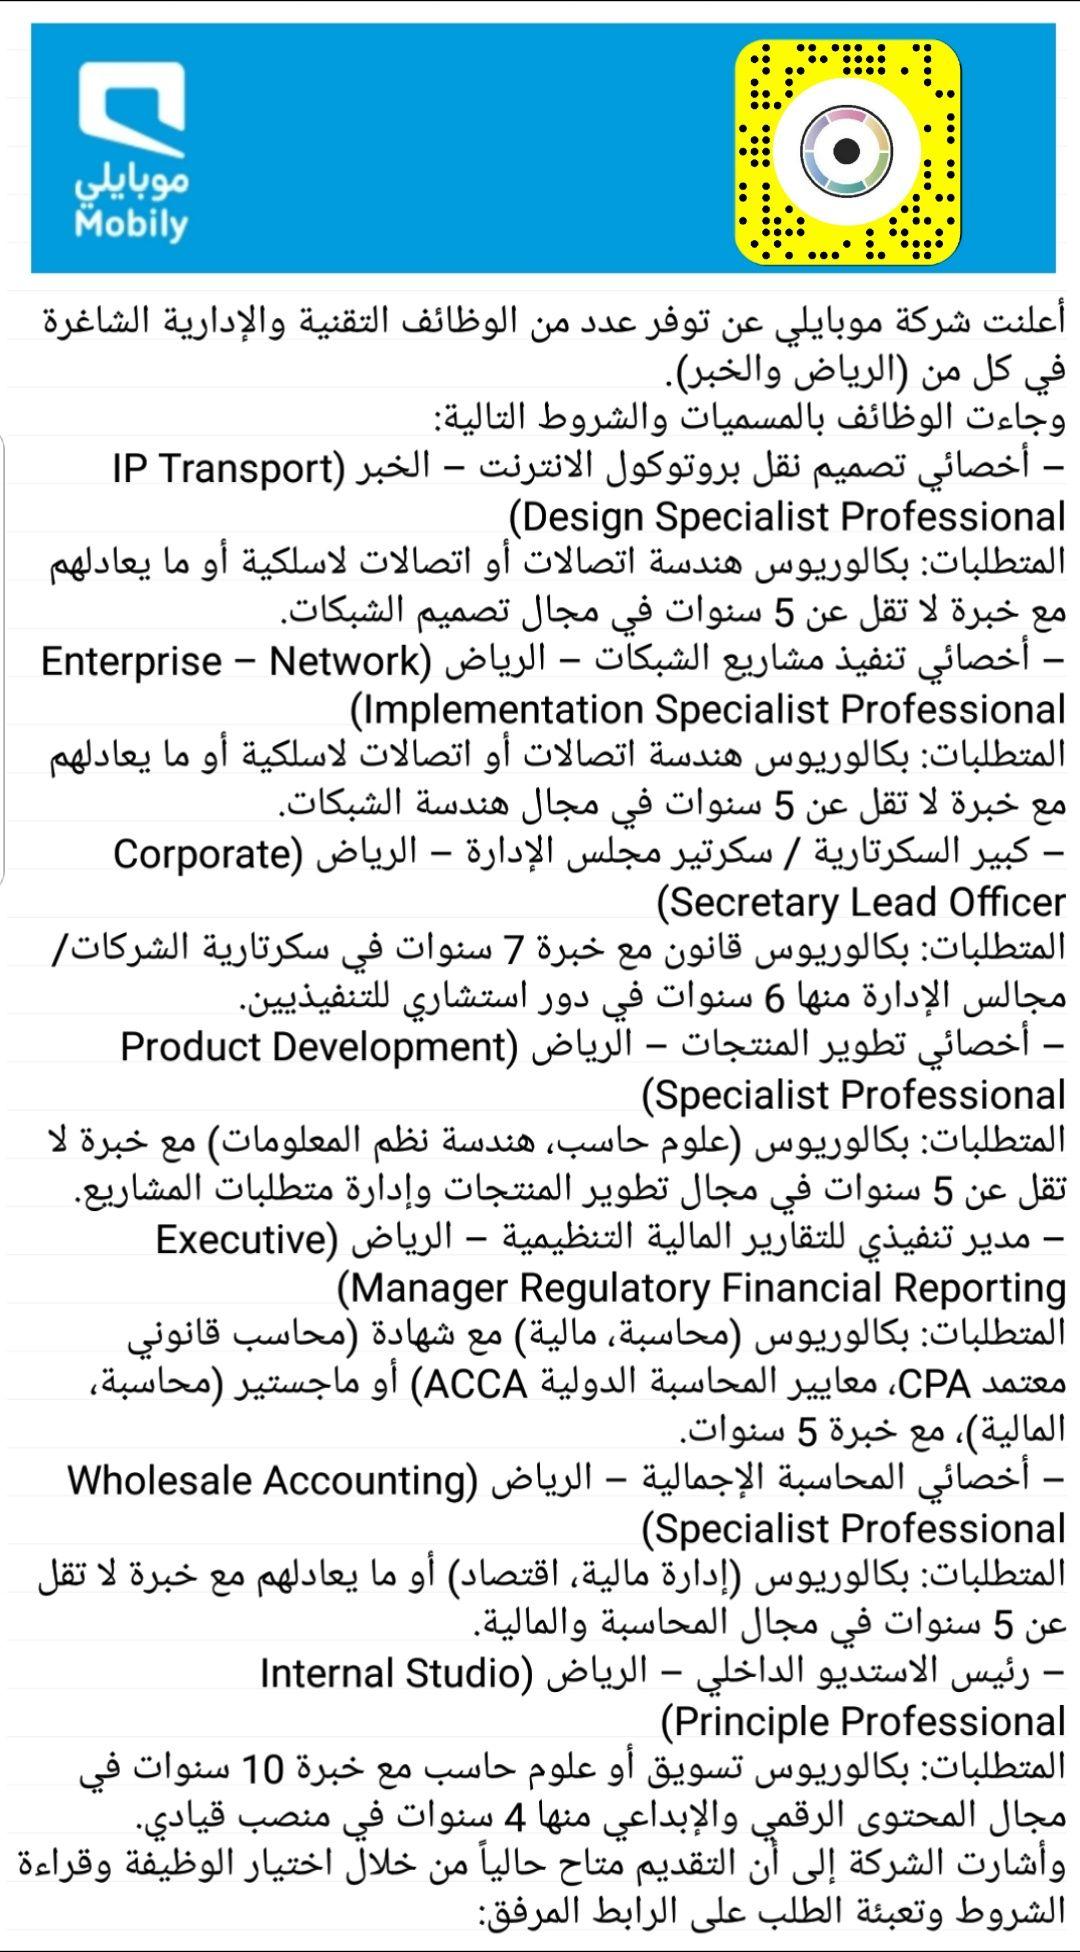 لحملة البكالوريوس والماجستير موبايلي تعلن وظائف إدارية وتقنية في الرياض و الخبر Http Amp Gs Ylus Ads Transportation